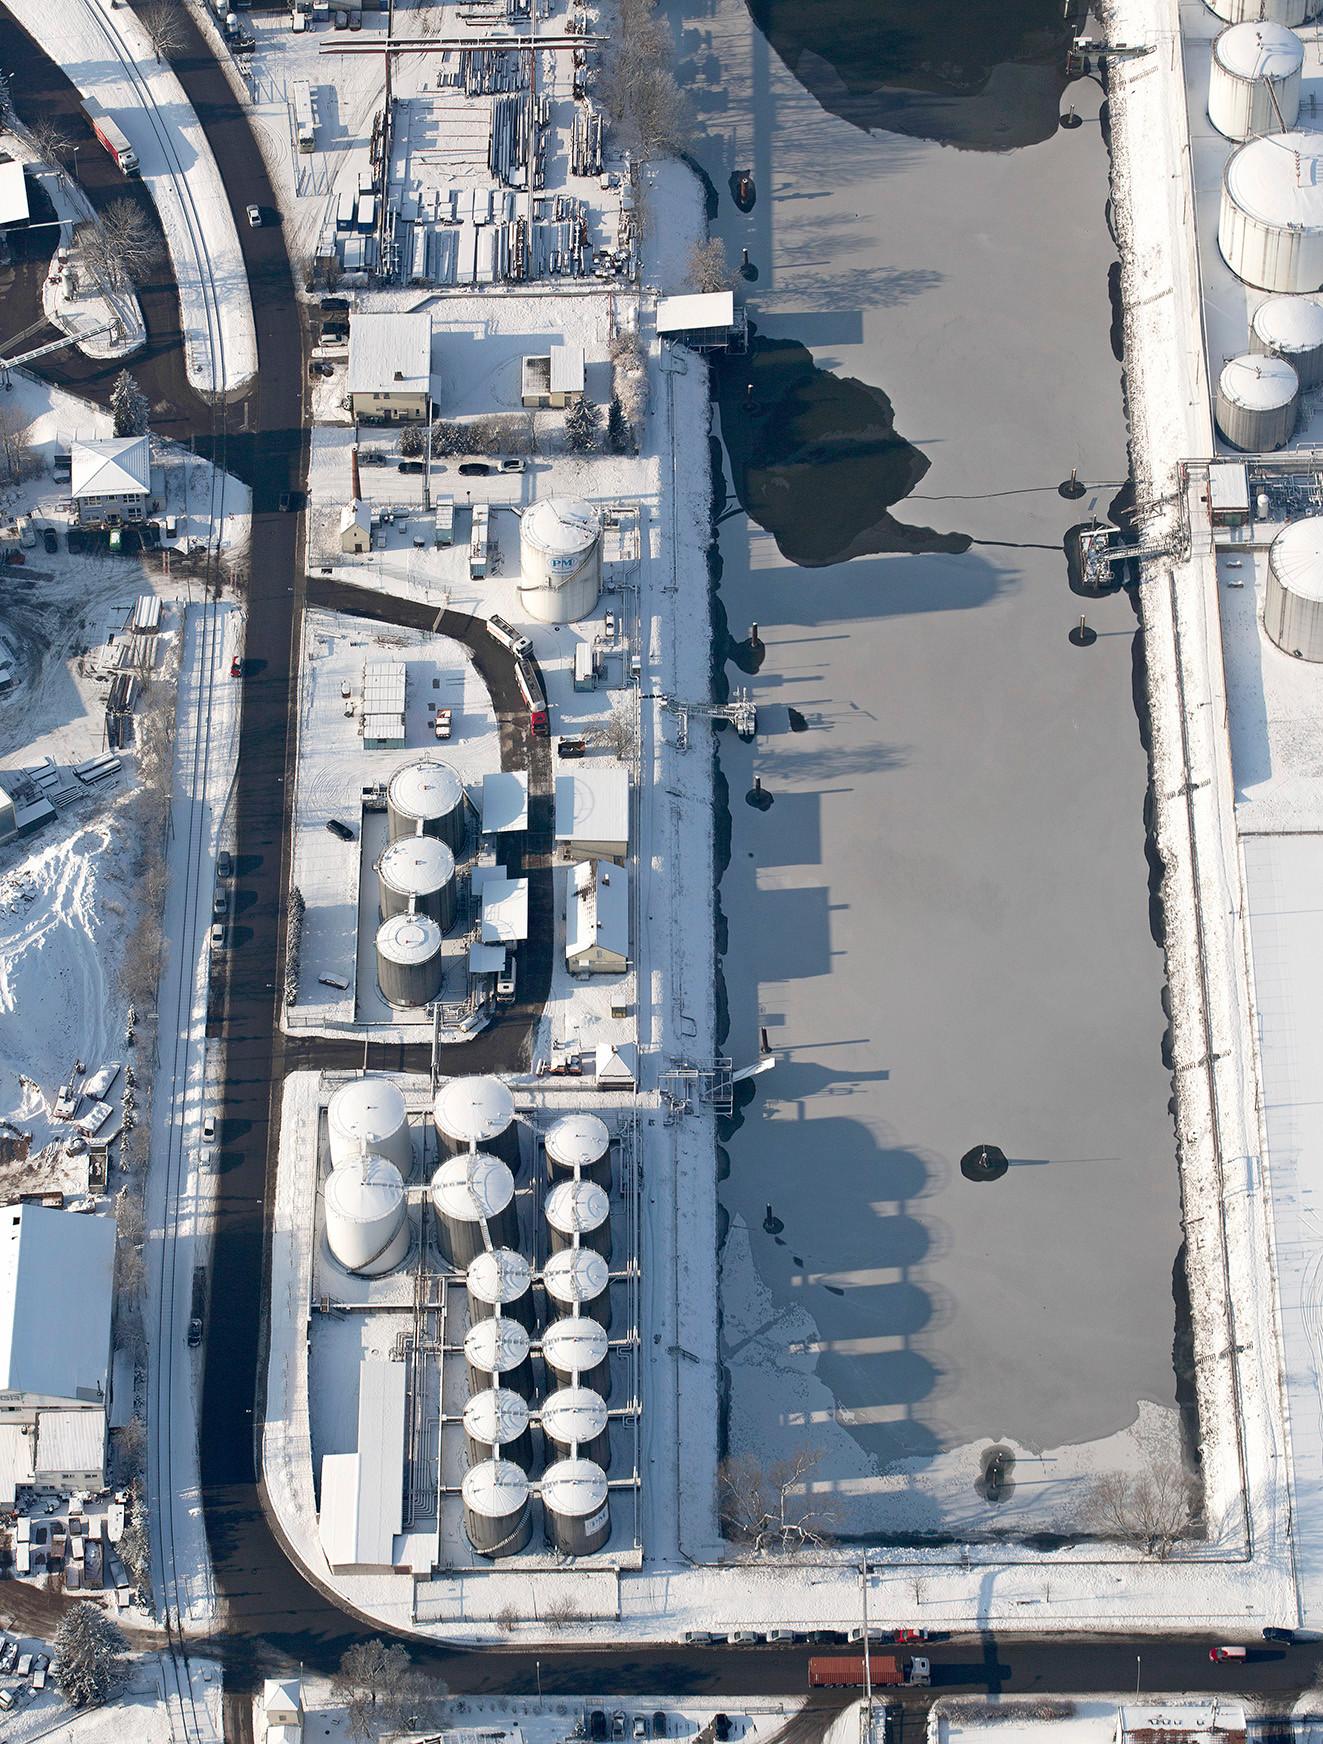 Ölhafen